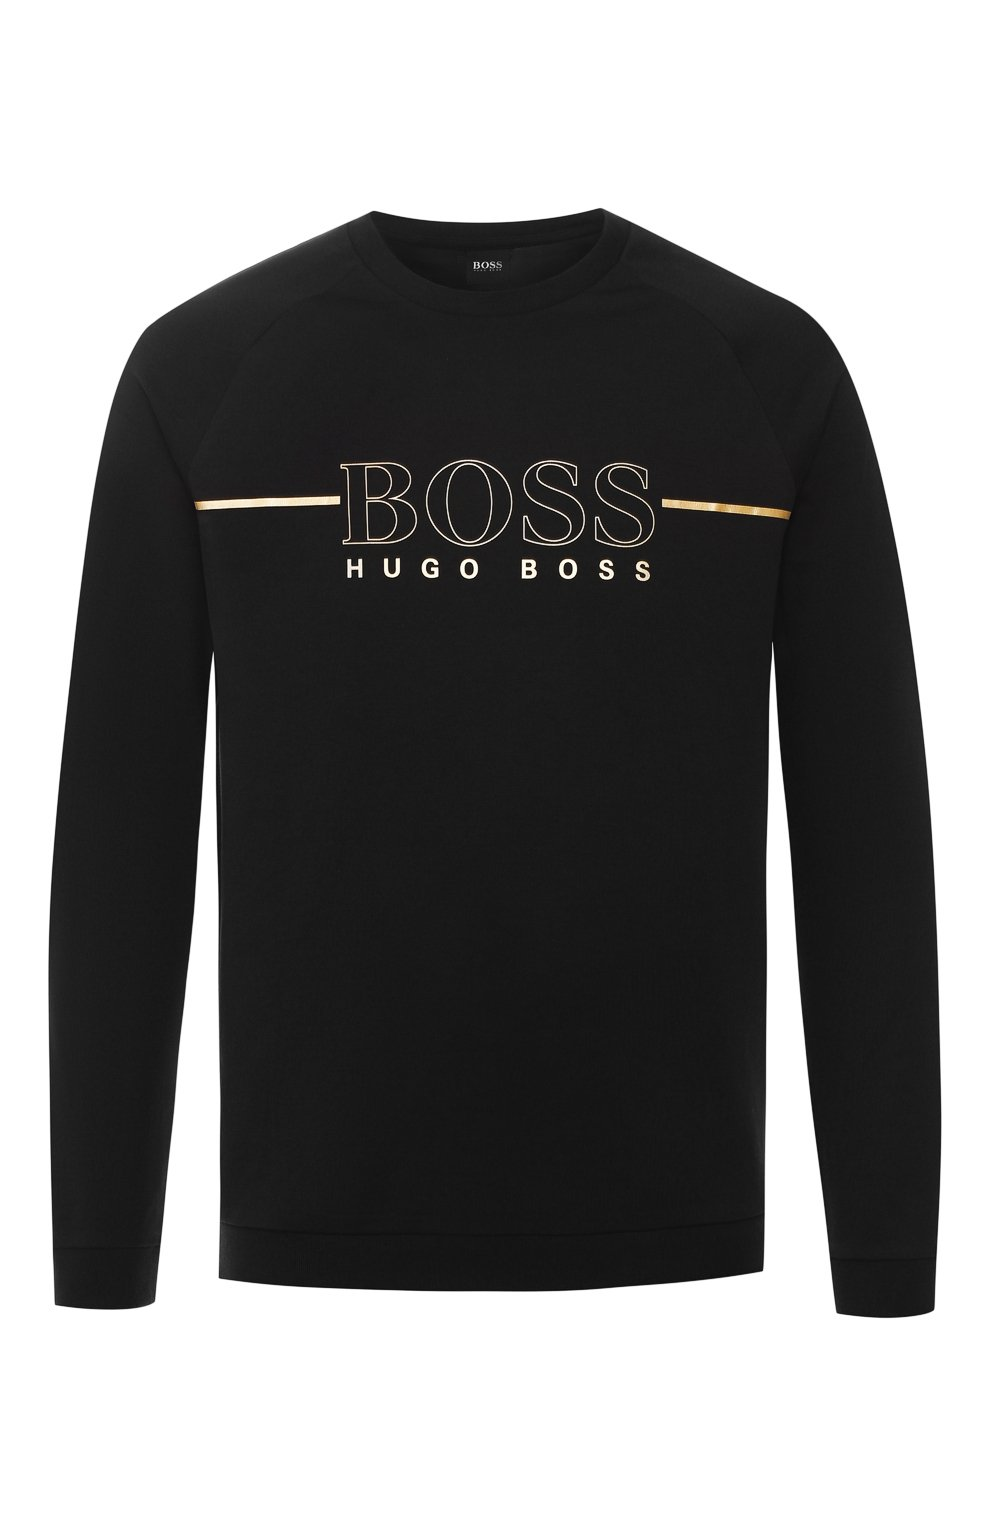 Мужские свитеры BOSS по цене от 8 000 руб. купить в интернет-магазине ЦУМ d4c24b058f29f